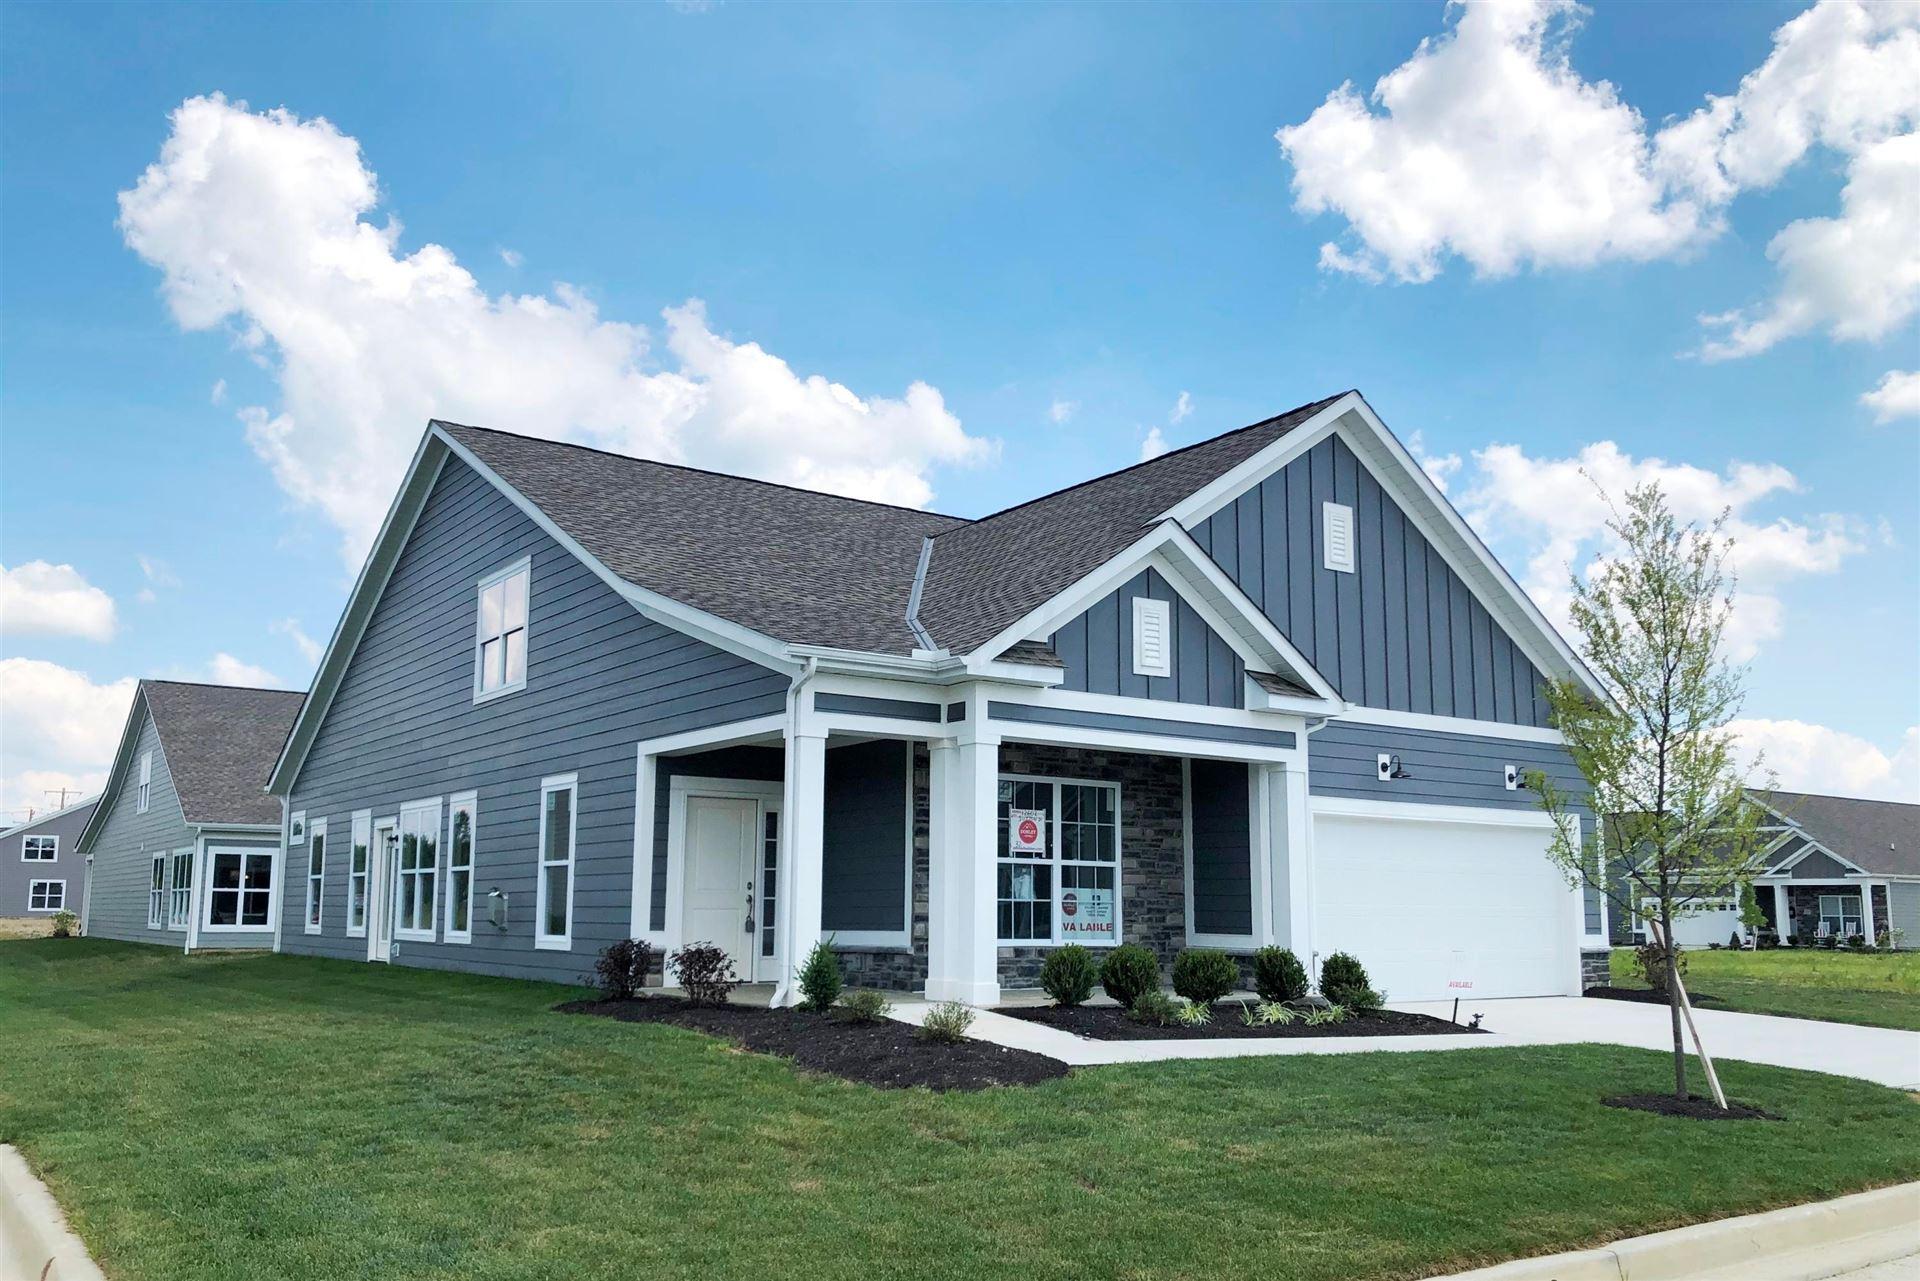 12602 SUTTON ST, Pickerington, OH 43147 - MLS#: 220003269